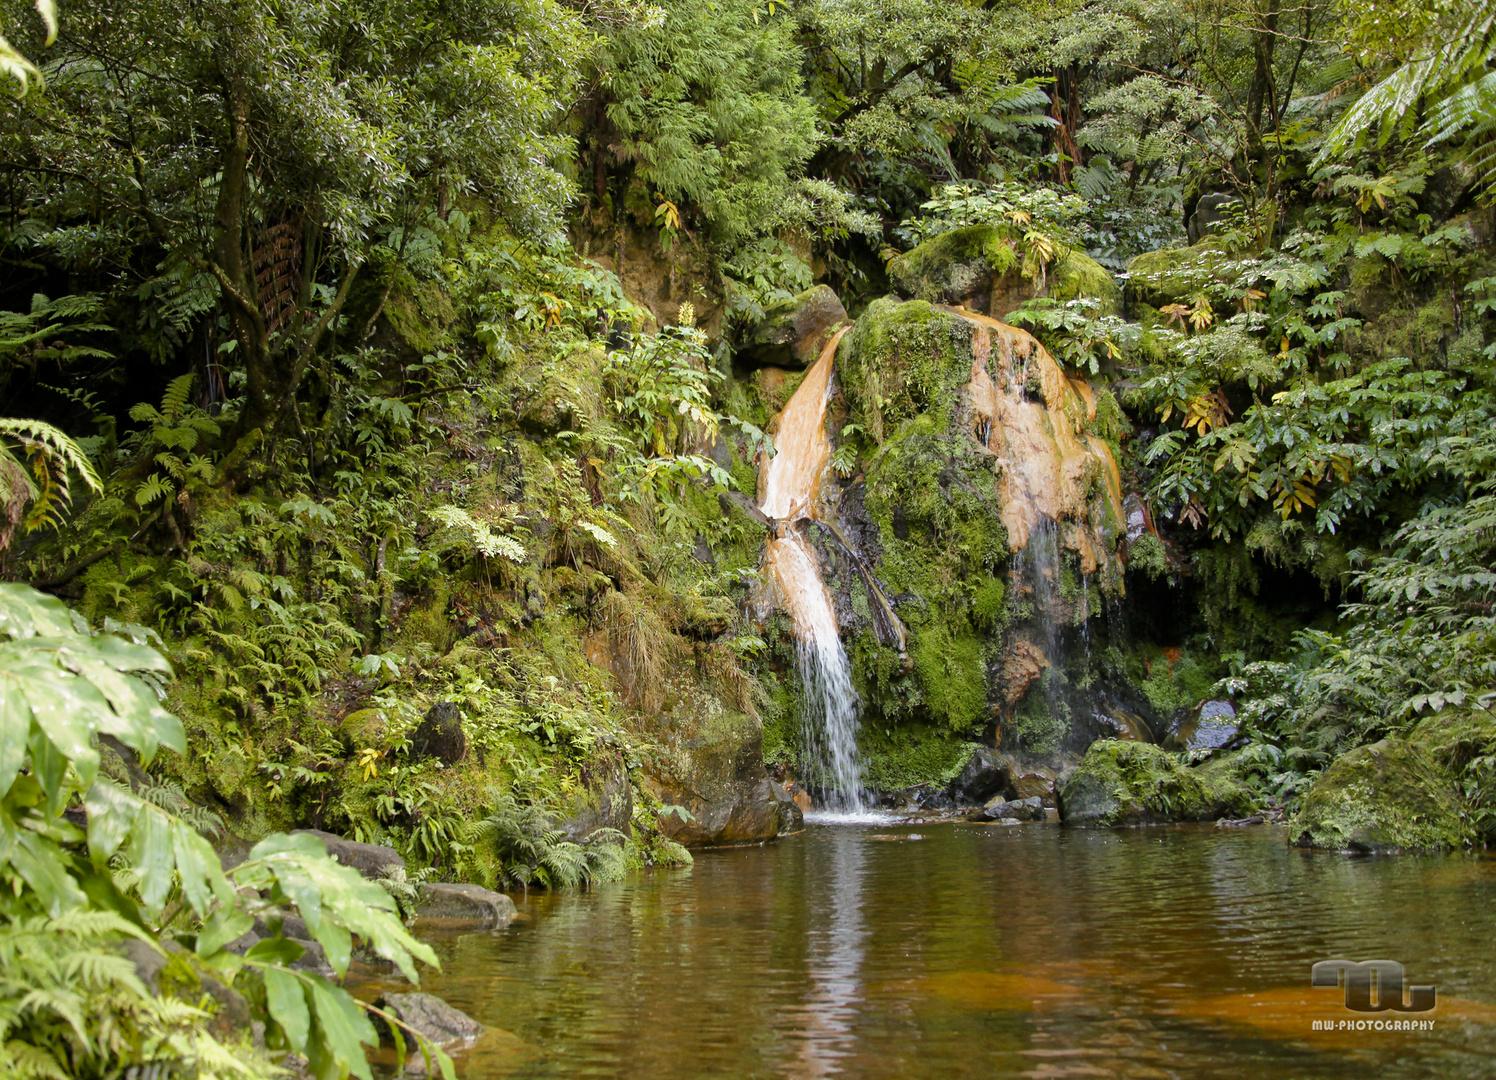 Ein verzauberter See mitten im Dschungel